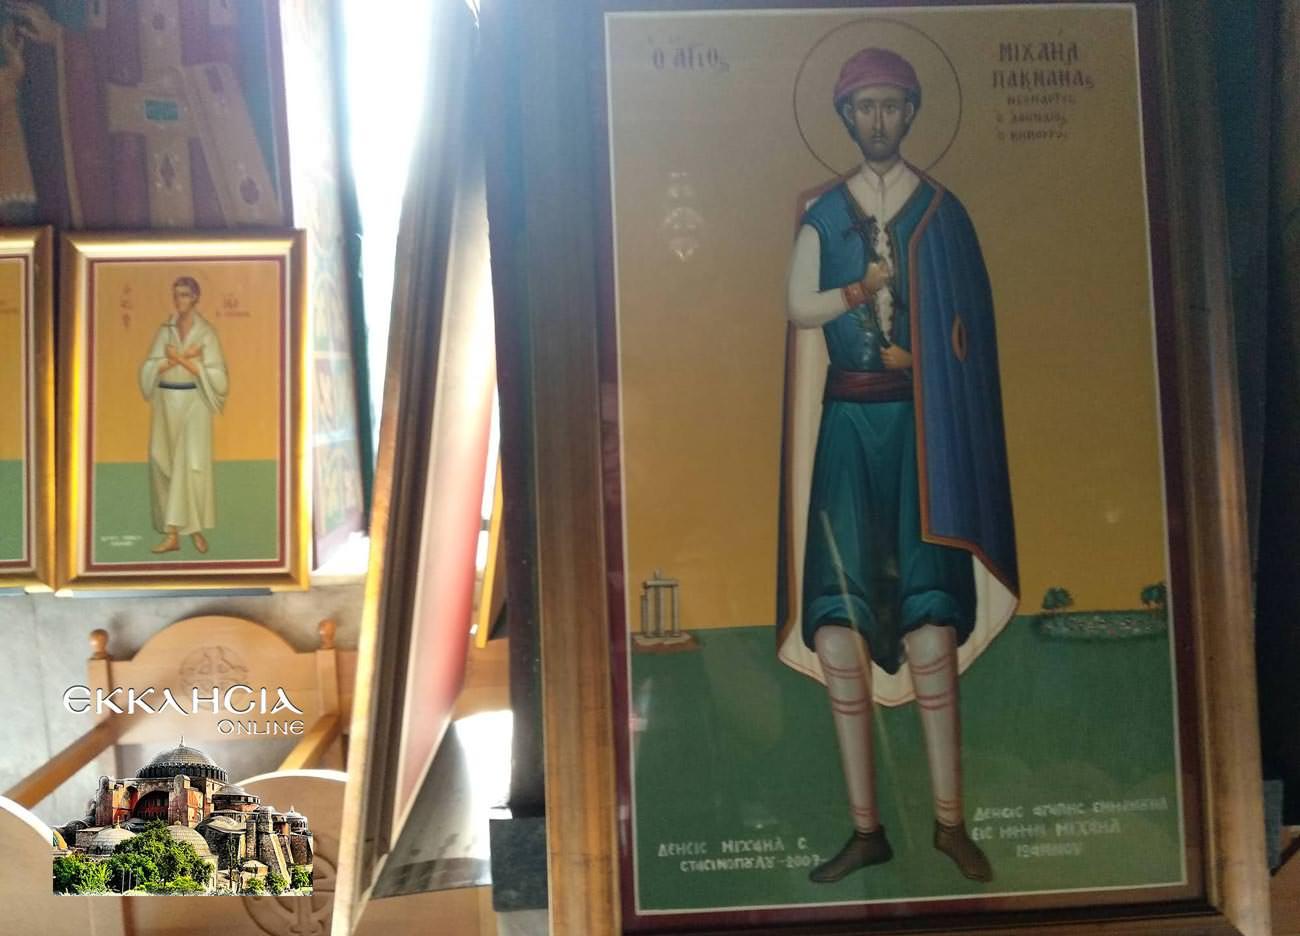 Άγιος Μιχαήλ Πακτανάς εικόνα